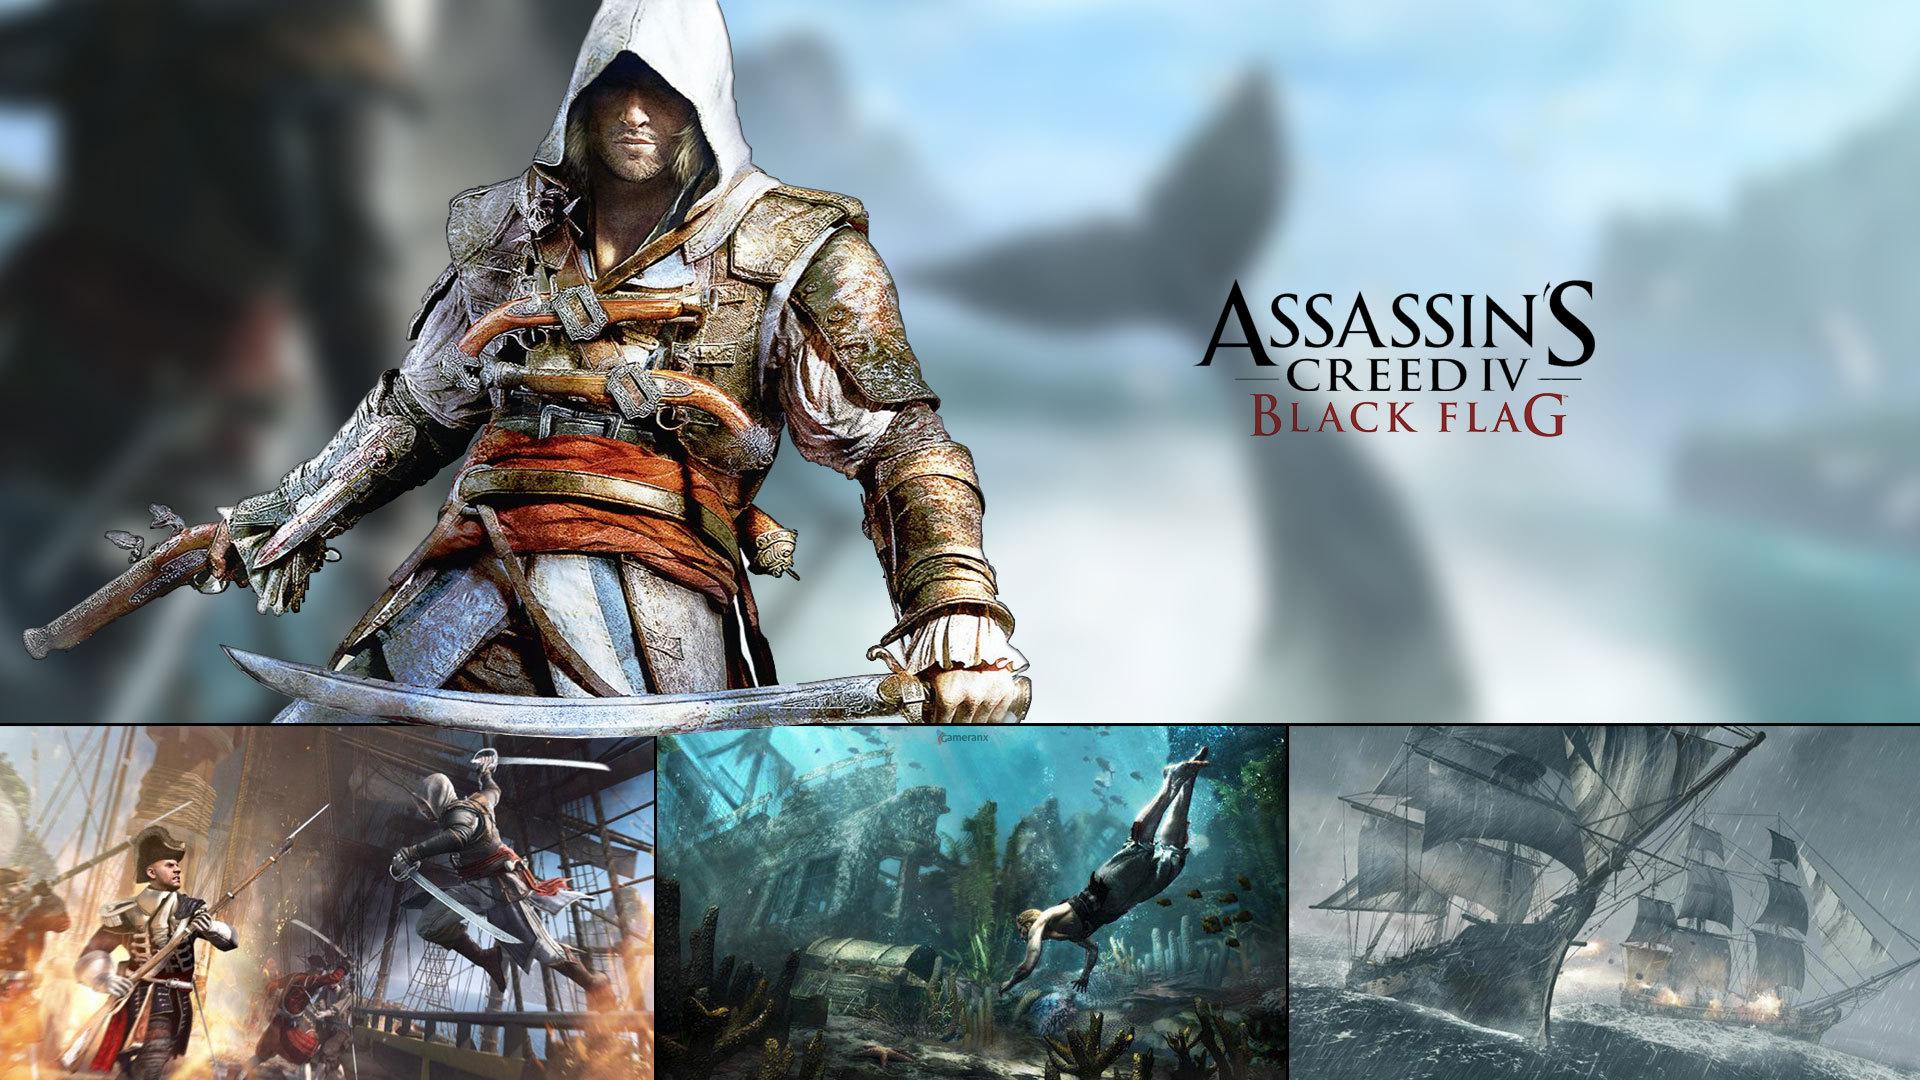 Assassins creed 4 черный флаг картинки, обои для рабочего стола.